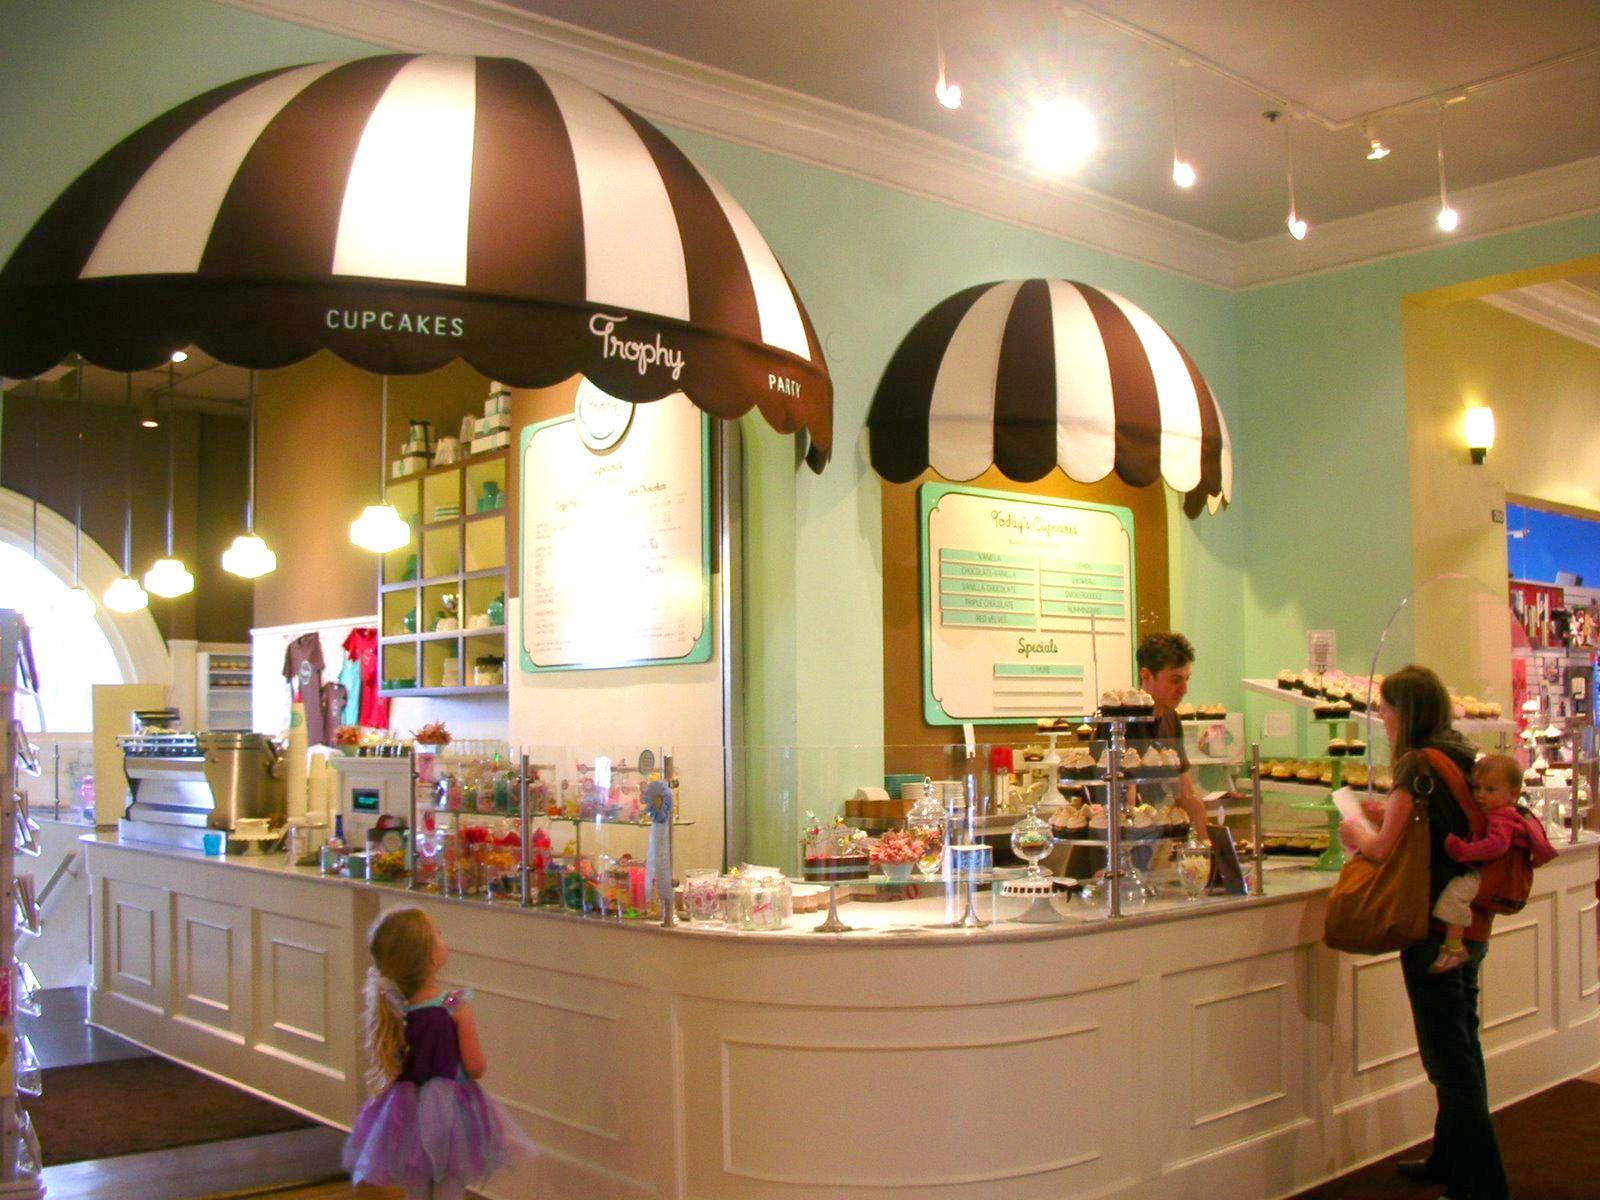 Cupcakes Store interior design